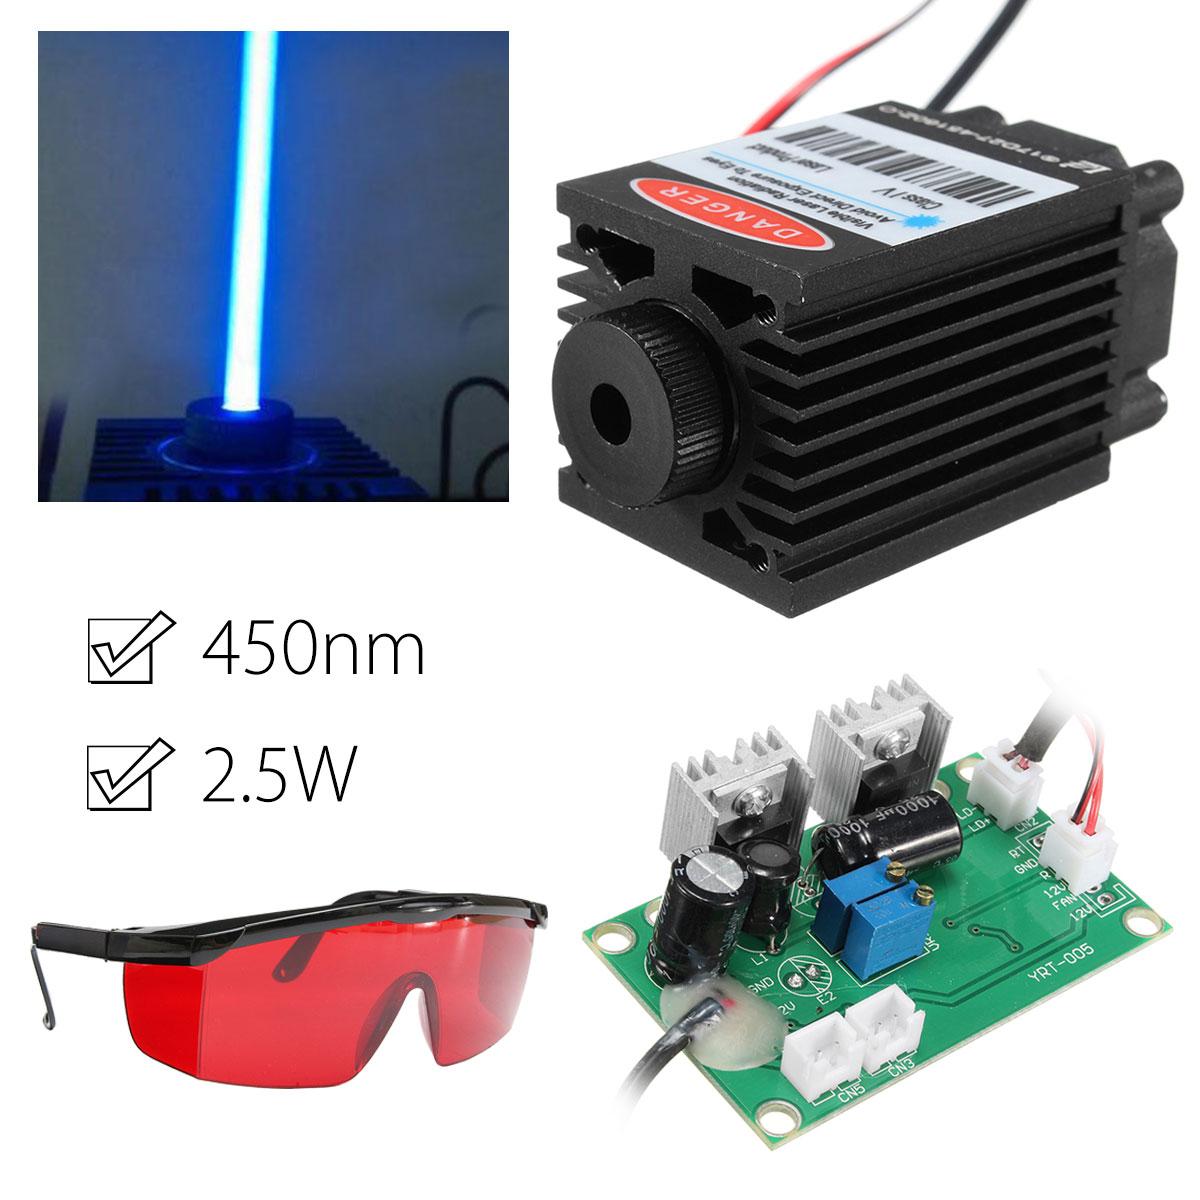 Вт 2,5 Вт 450nm синий лазерный модуль ttl 12 В Фокусируемый высокой мощность + очки для режущий лазер cnc гравировальная Машина деревообрабатывающа...